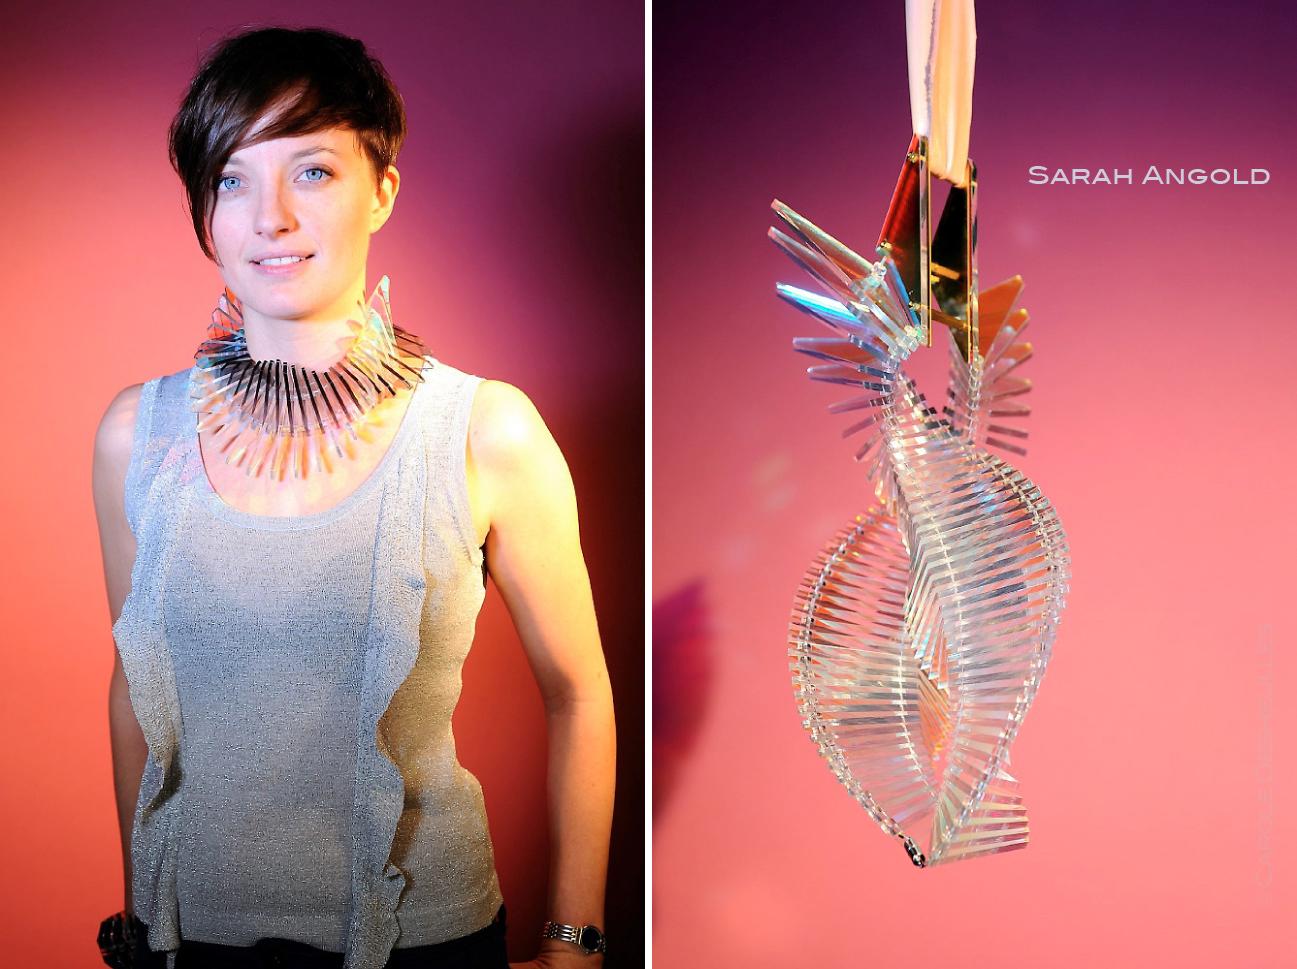 SarahAngold